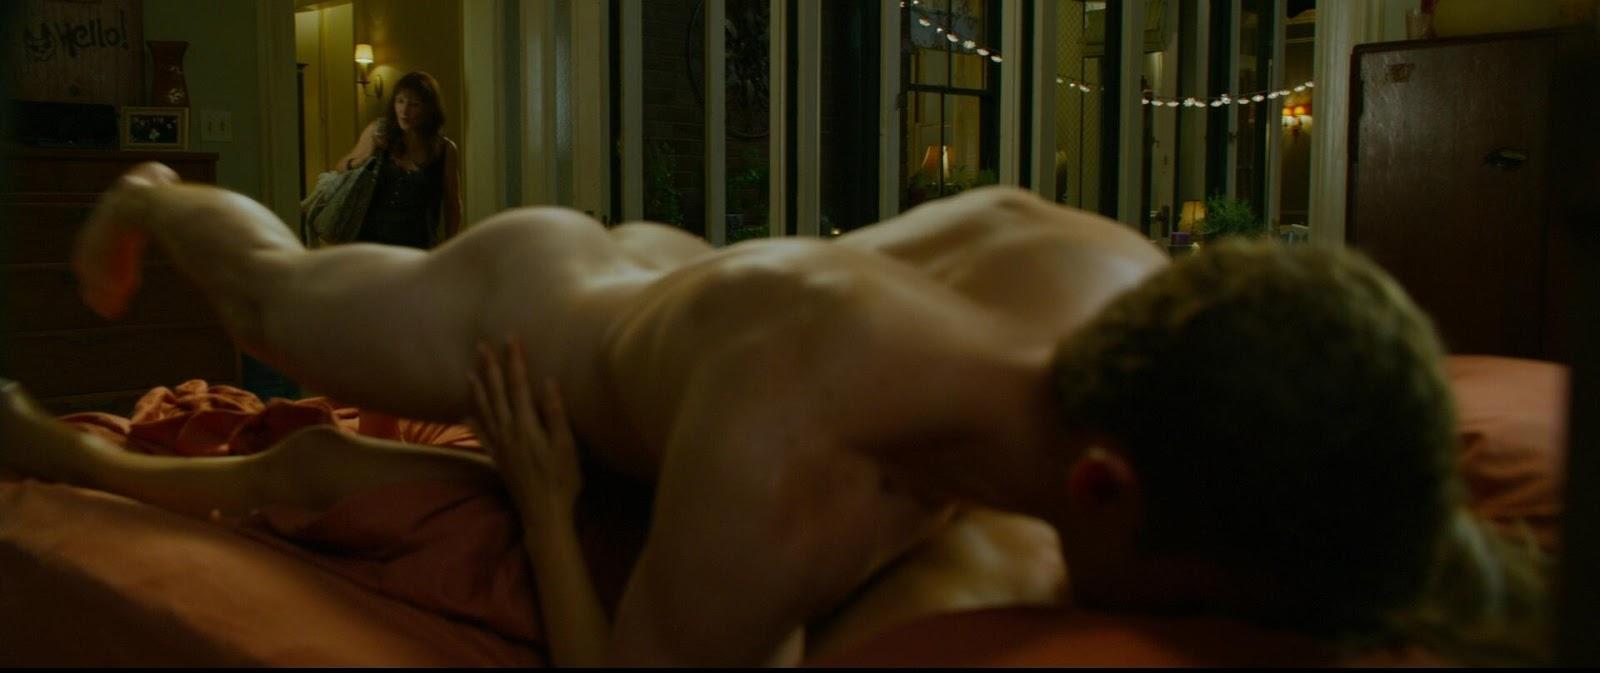 Justin naked pic timberlake